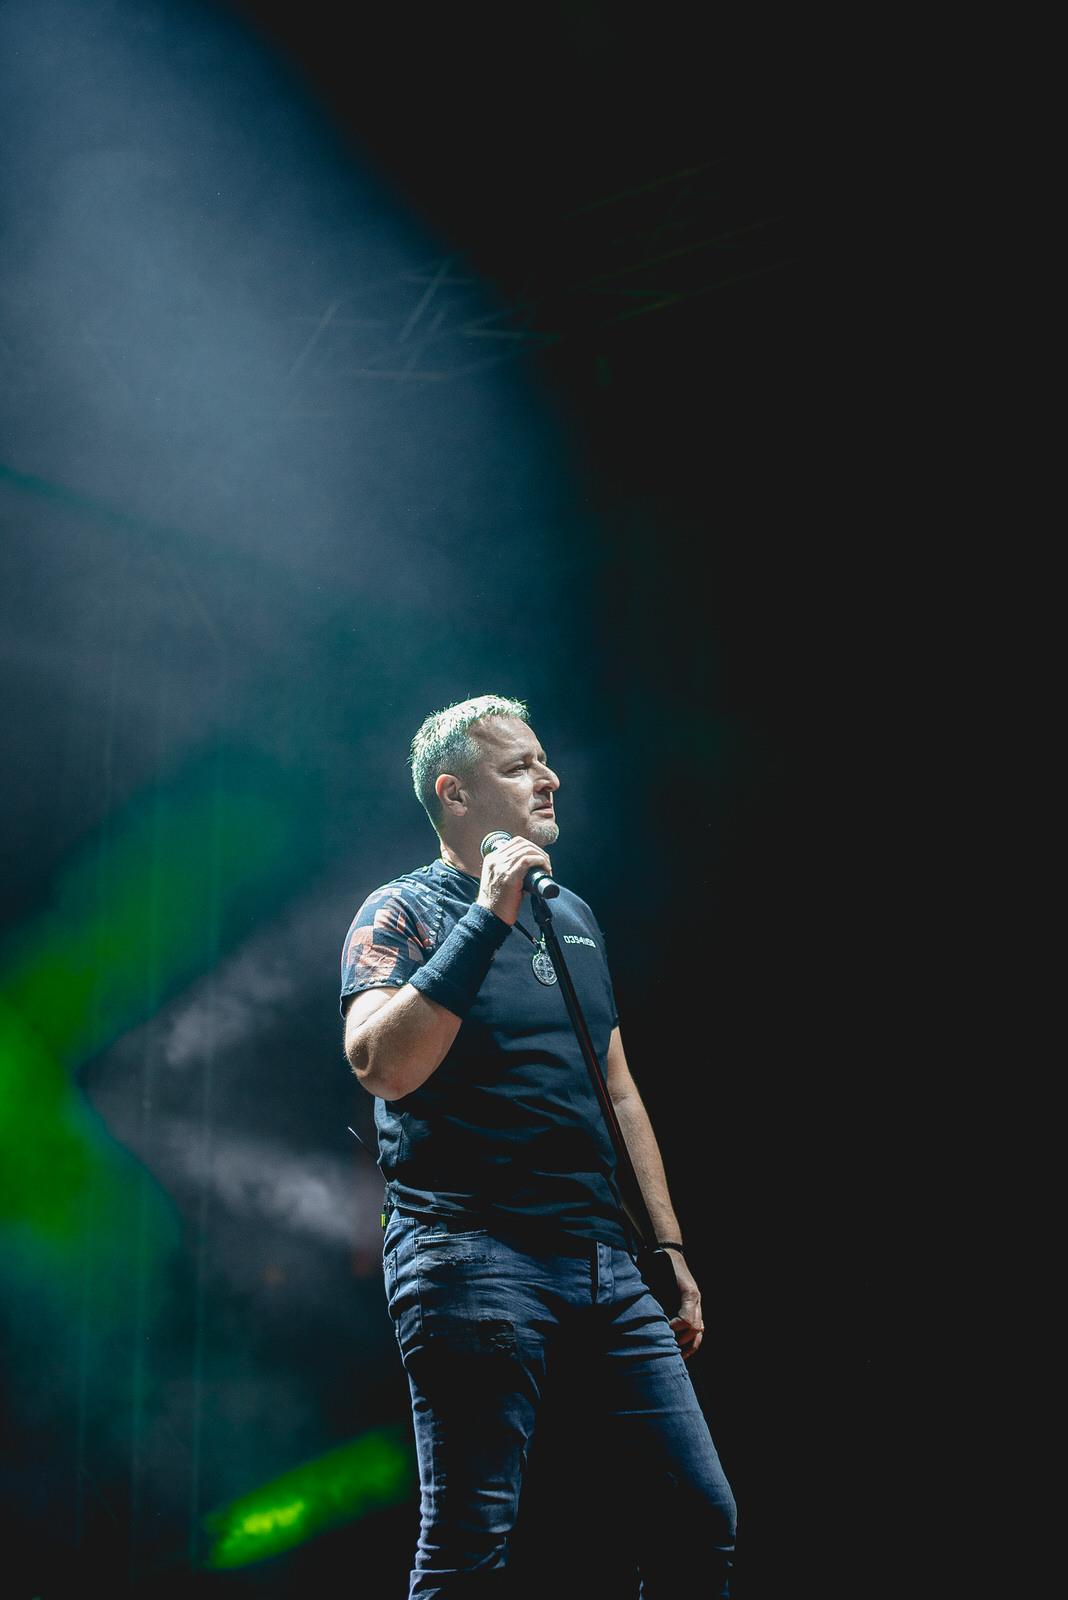 likaclub_gospić_koncert-thompson_2018-83